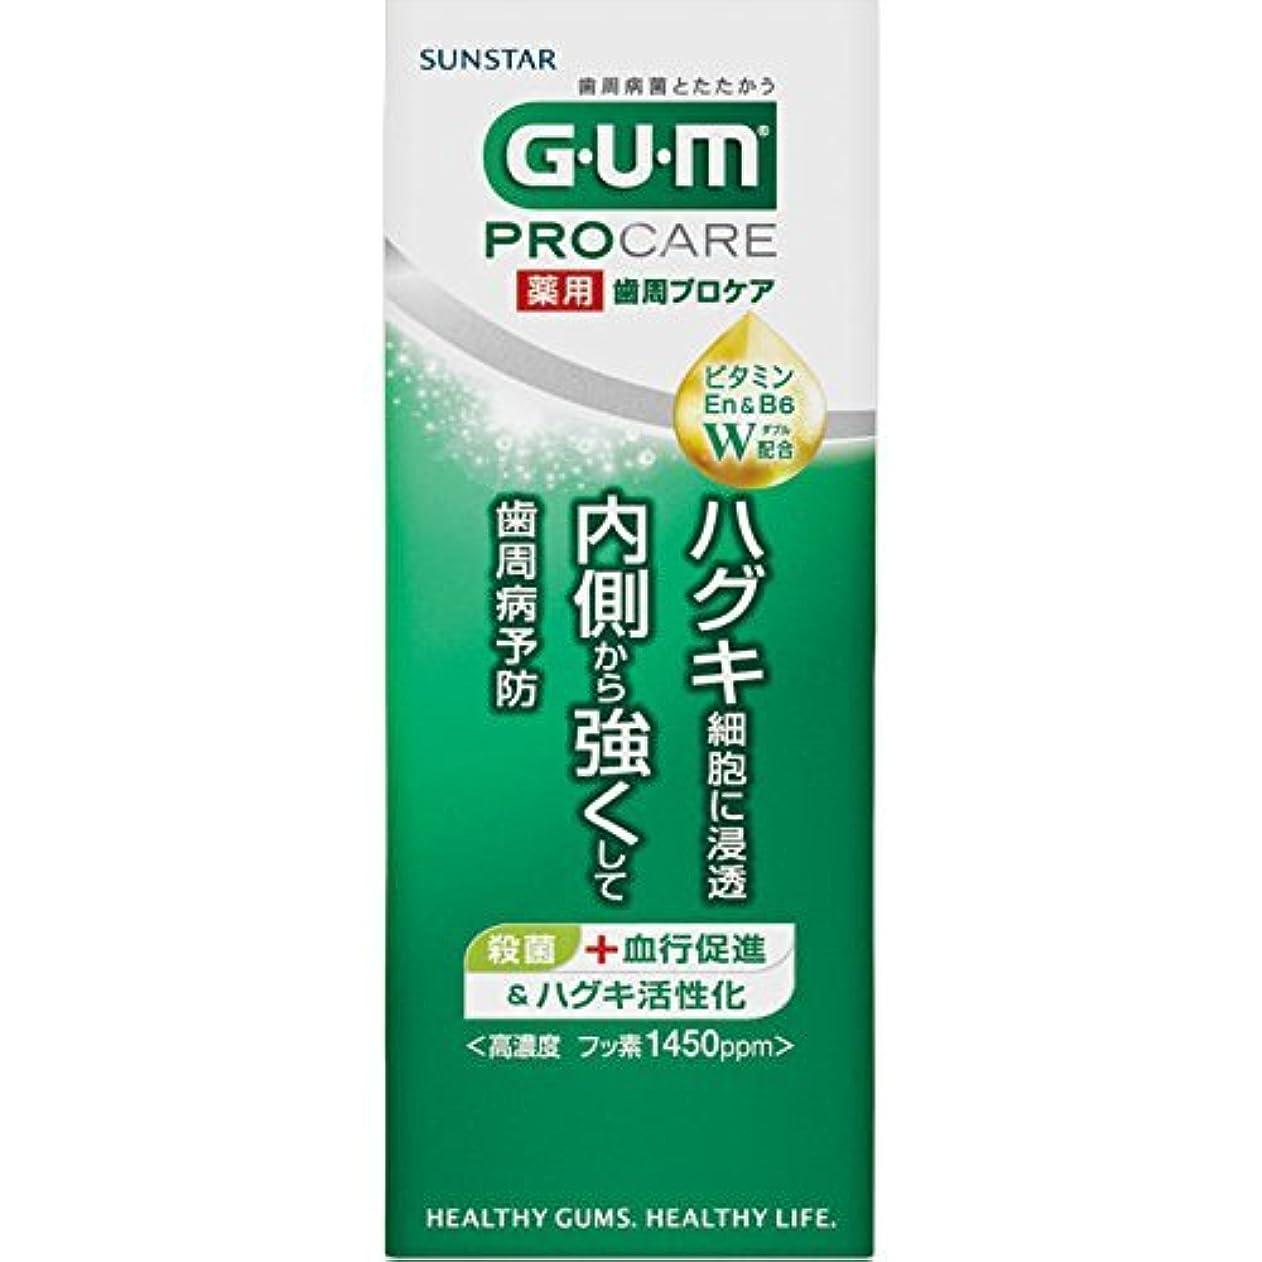 テクトニック芸術的静脈[医薬部外品] GUM(ガム) 歯周プロケア 歯みがき 50g <歯周病予防 ハグキケア 高濃度フッ素配合1,450ppm>